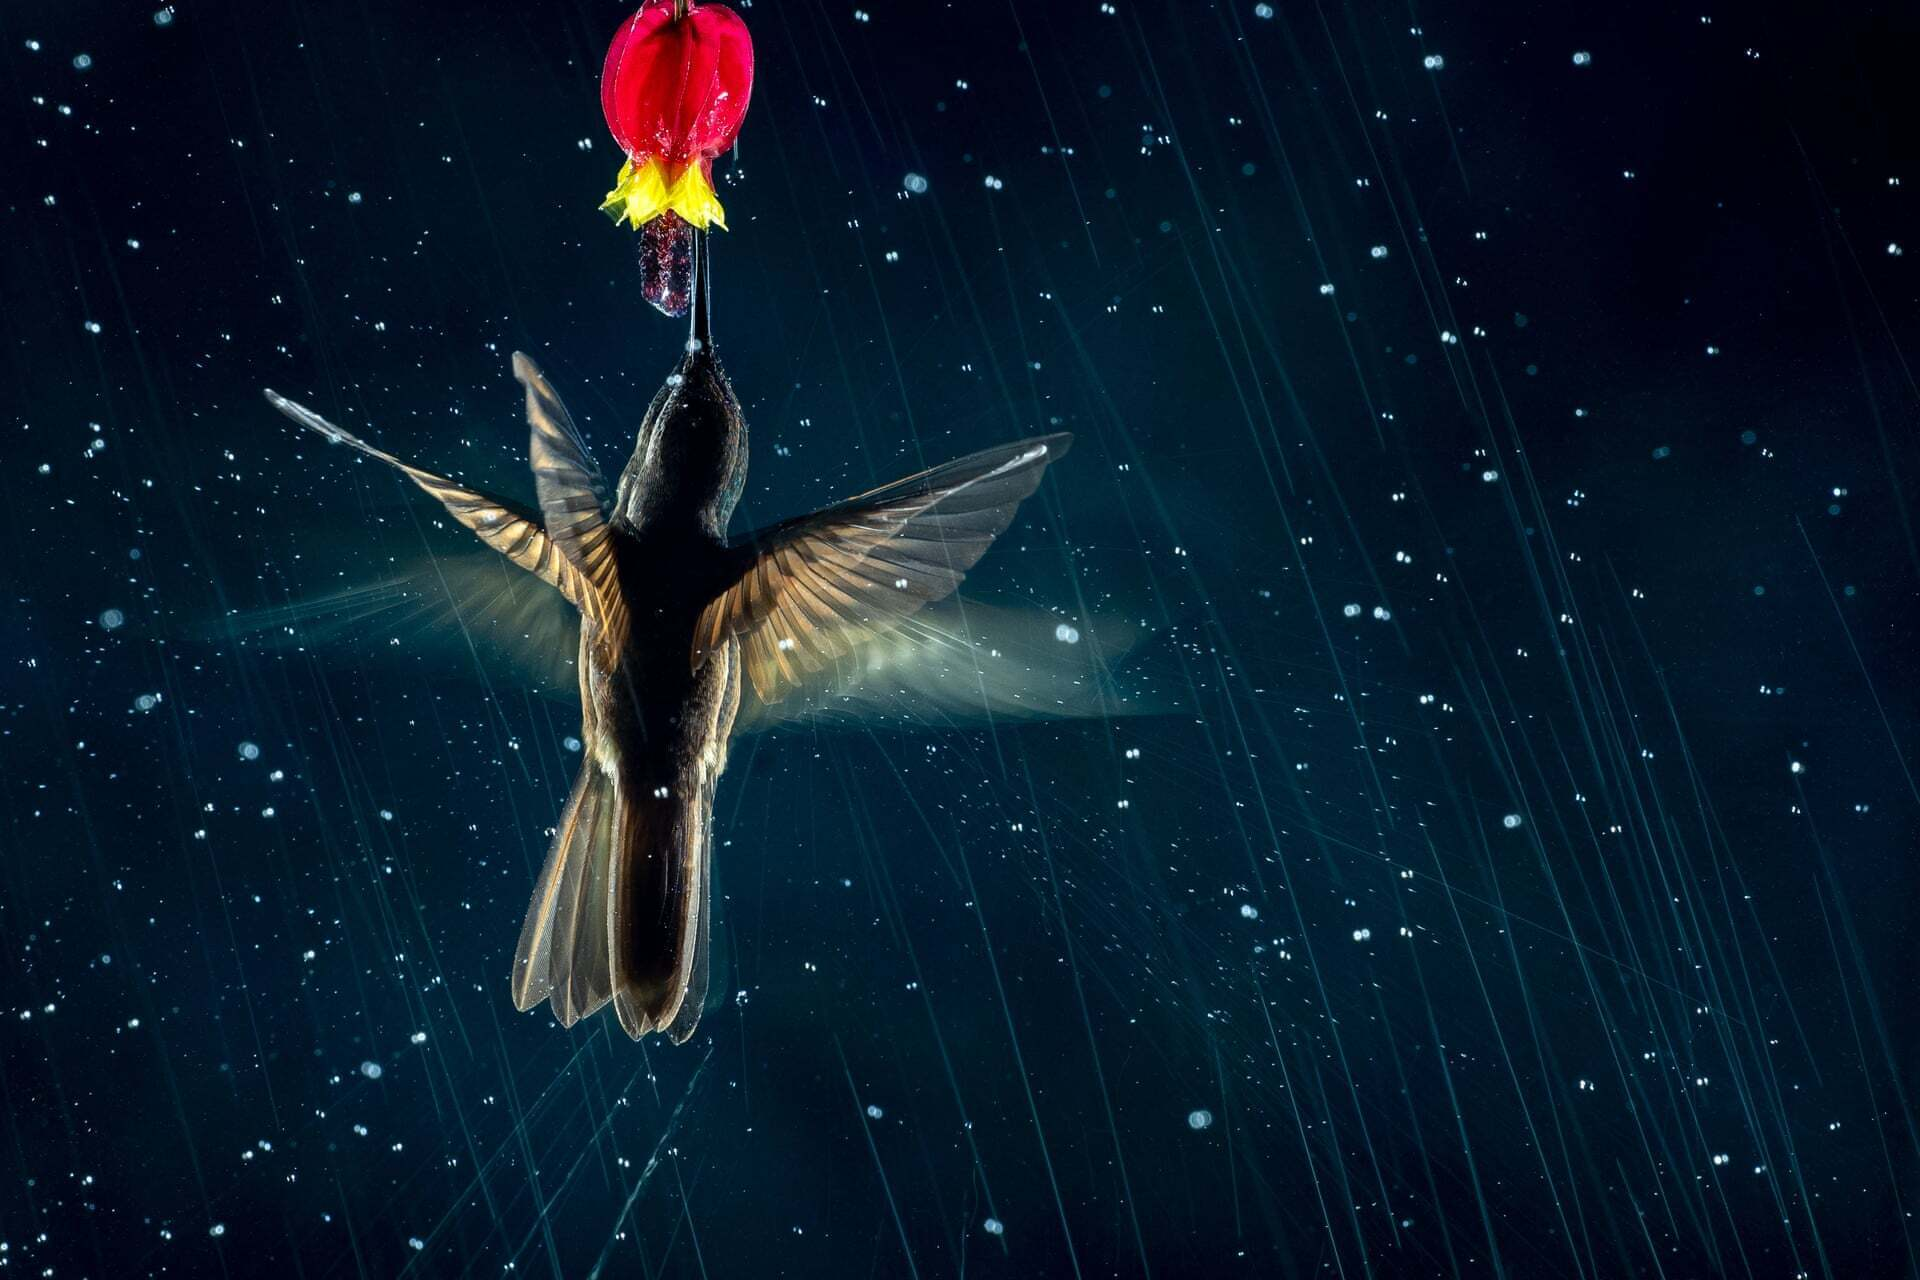 פוטו תחרות צילומי ציפורים 2021 יניקת צוף